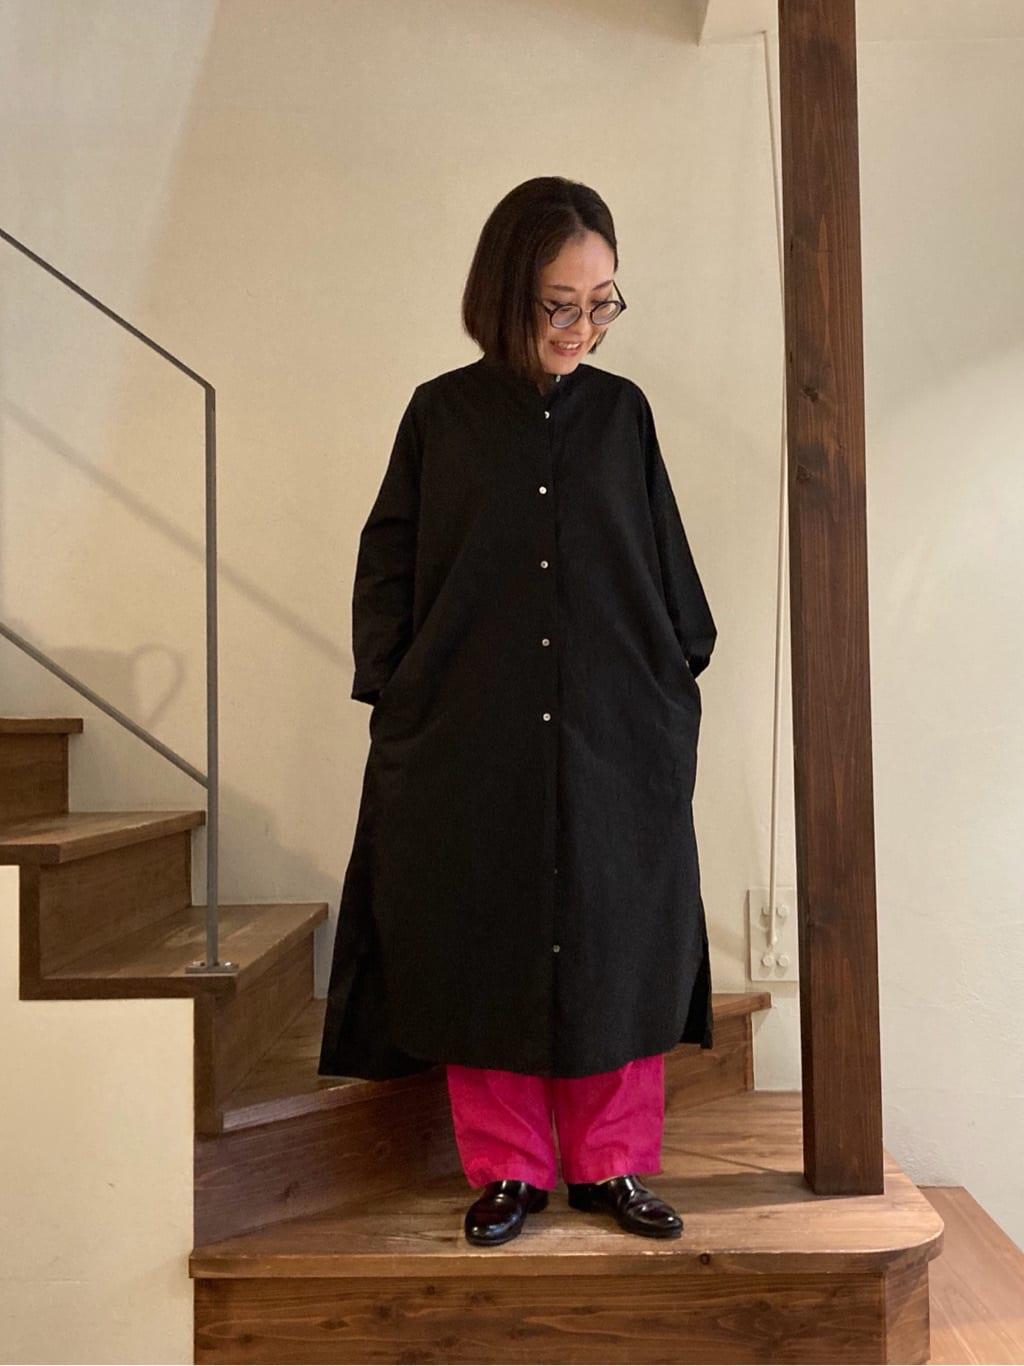 yuni 京都路面 身長:152cm 2021.09.30